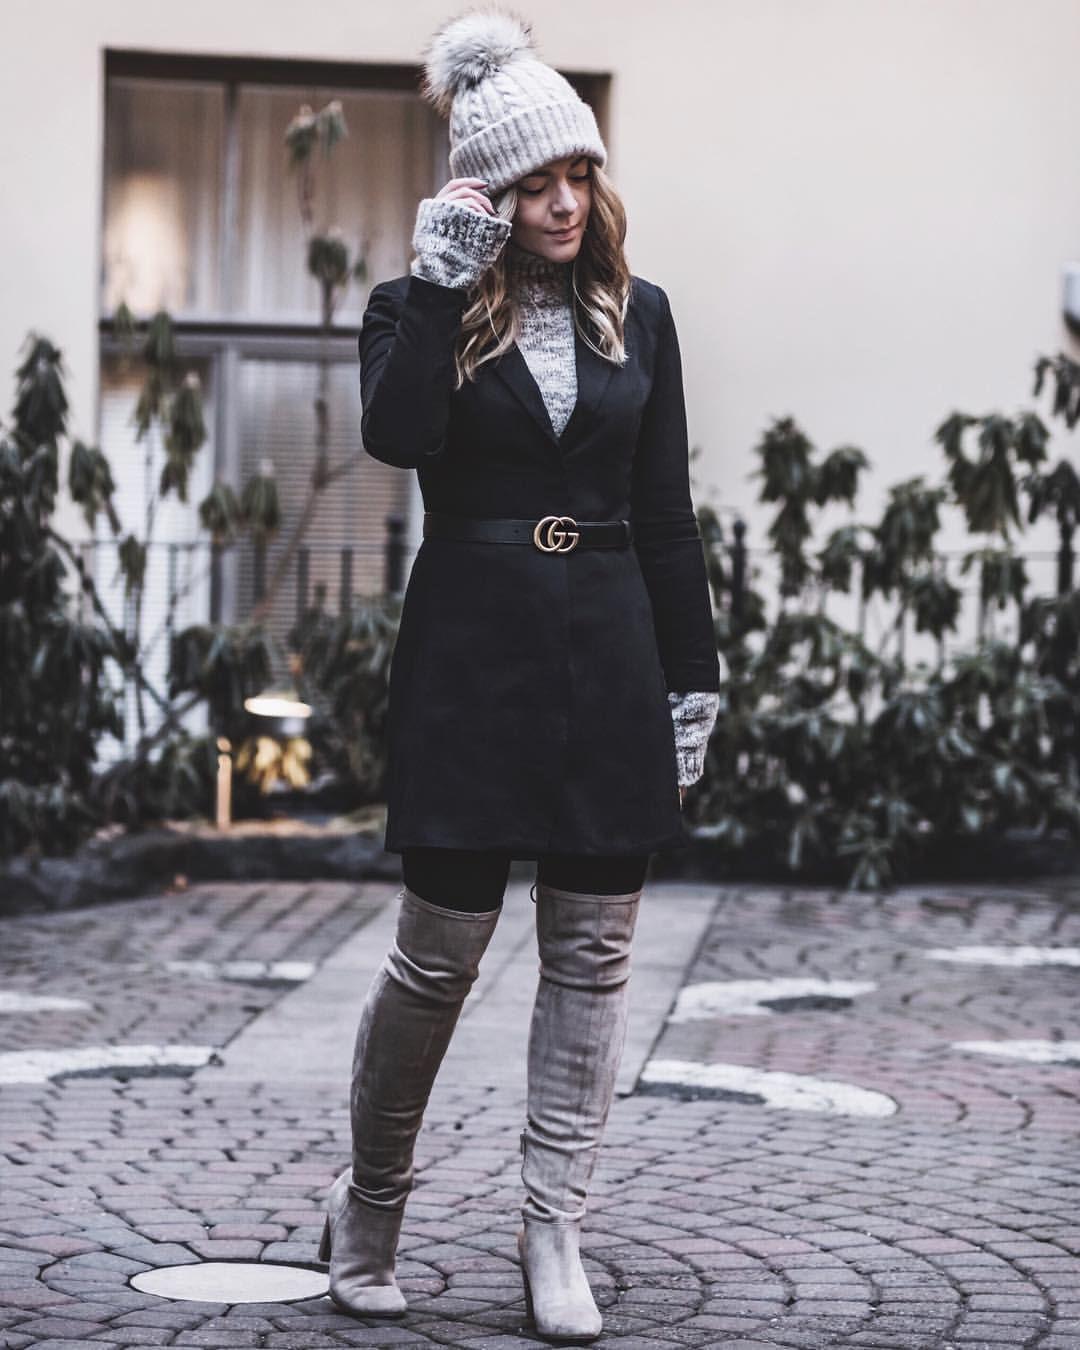 Blazer dress pom pom hat with over the knee boots